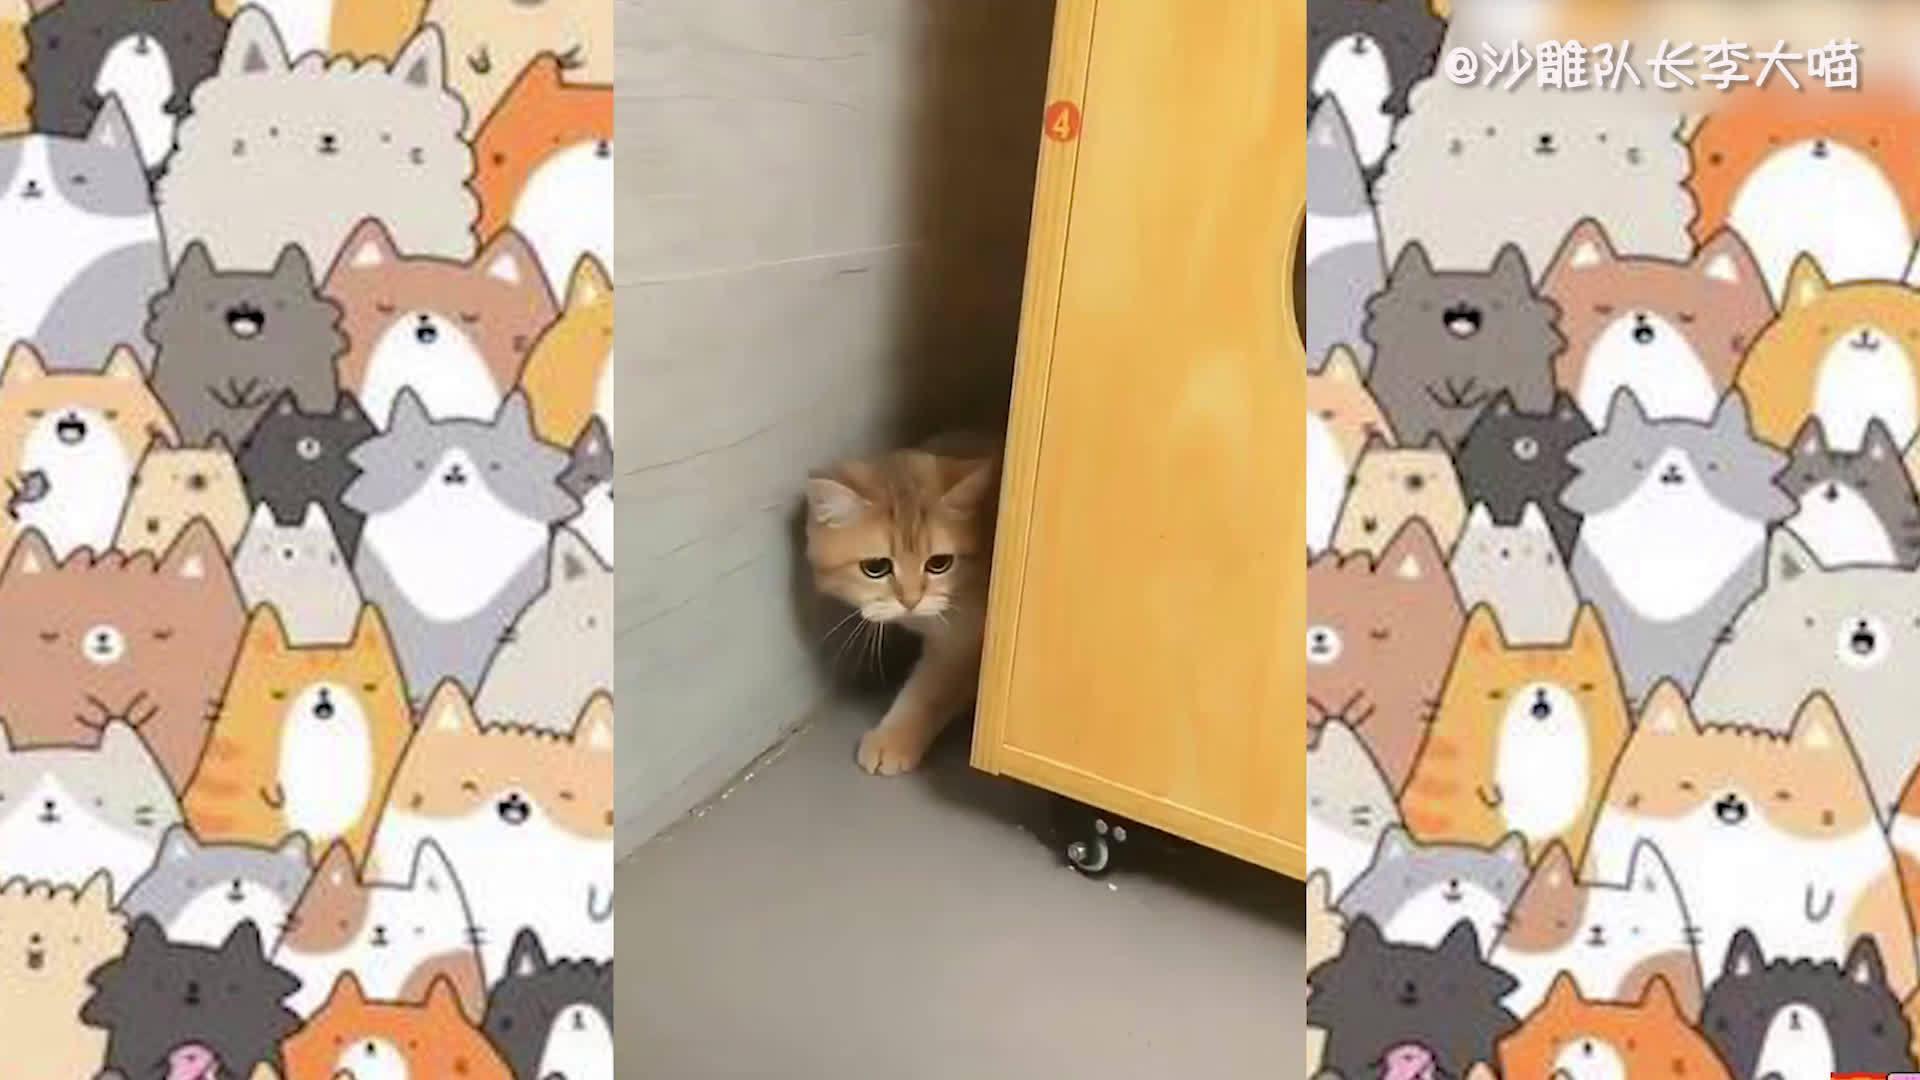 猫:哼没人跟我玩,我寄几玩 cr:西米加凉粉(谢谢受权)